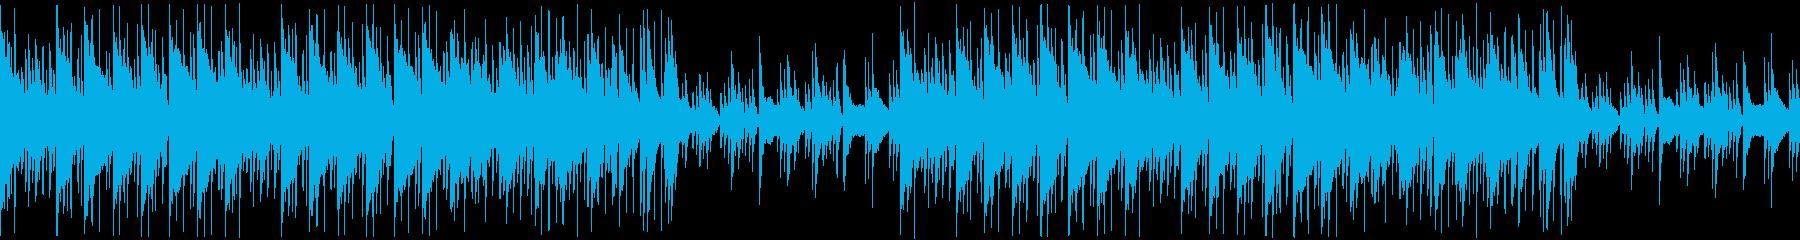 【ハワイアンな雰囲気のBGM】の再生済みの波形